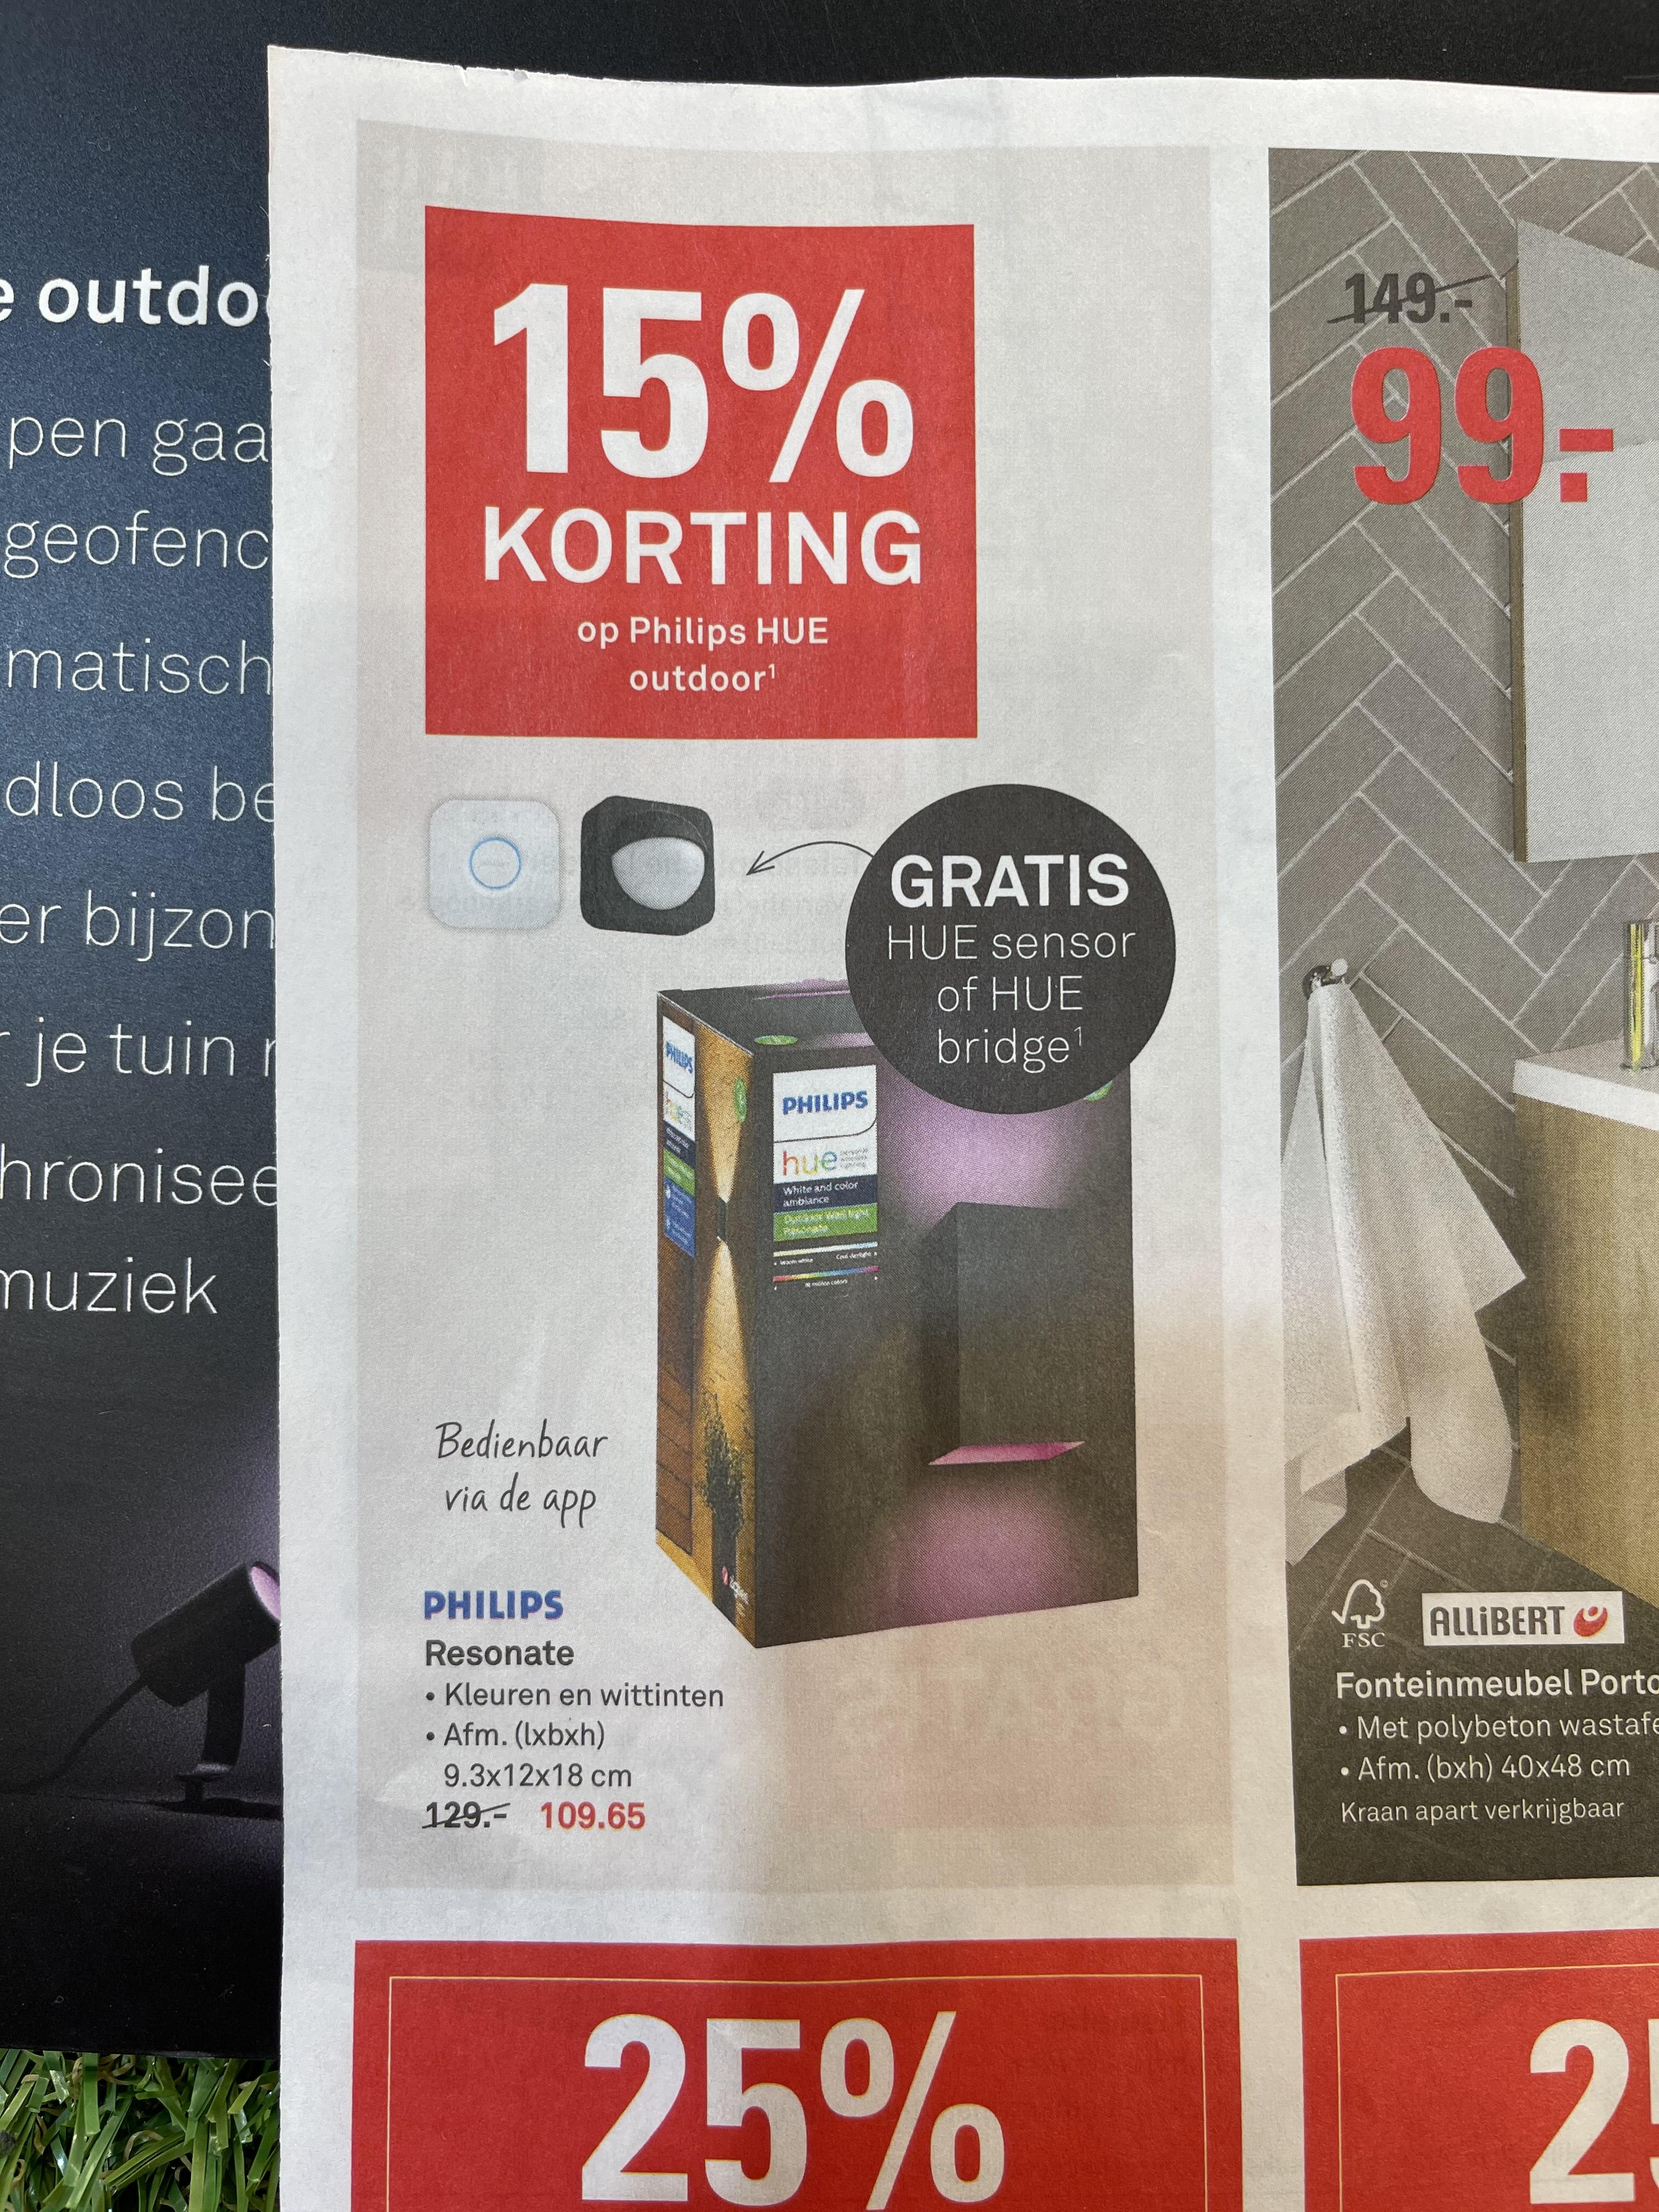 15% korting op Philips Hue outdoor bij de Karwei